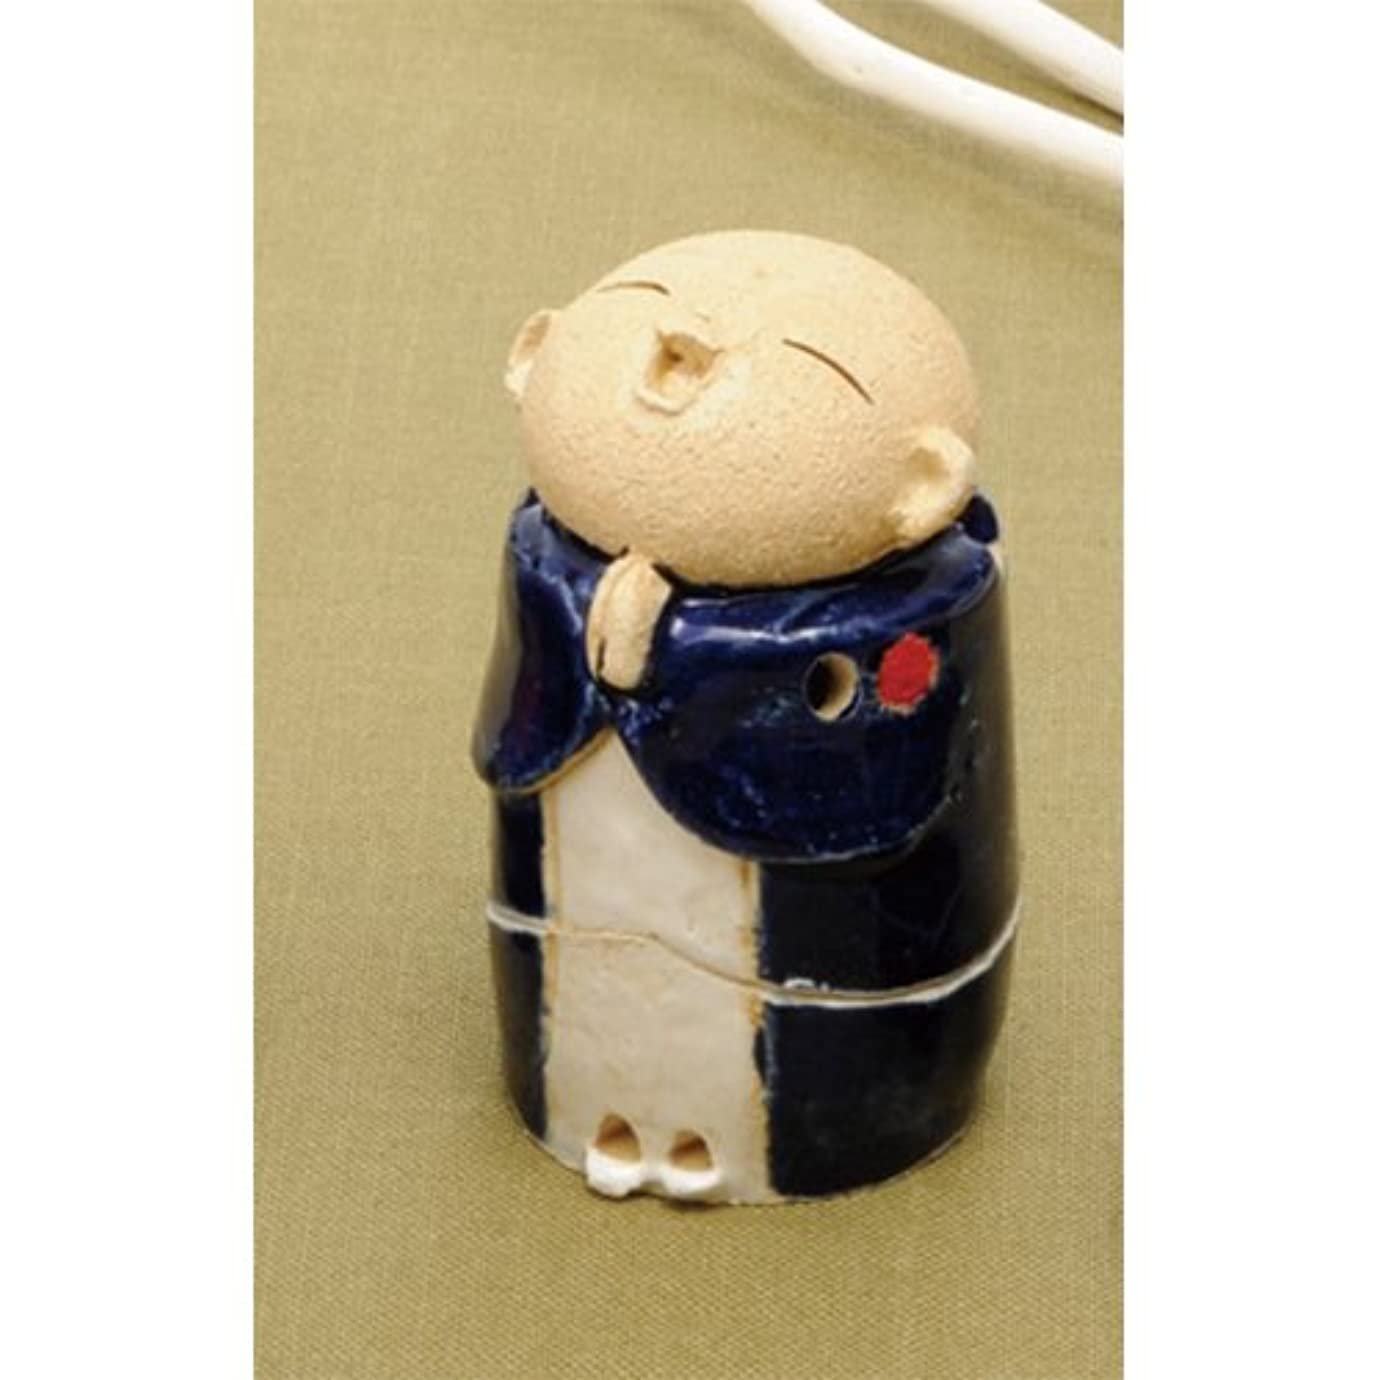 ほかに後クリークお地蔵様 香炉シリーズ 青 お地蔵様 香炉 2.8寸 [H8.5cm] HANDMADE プレゼント ギフト 和食器 かわいい インテリア